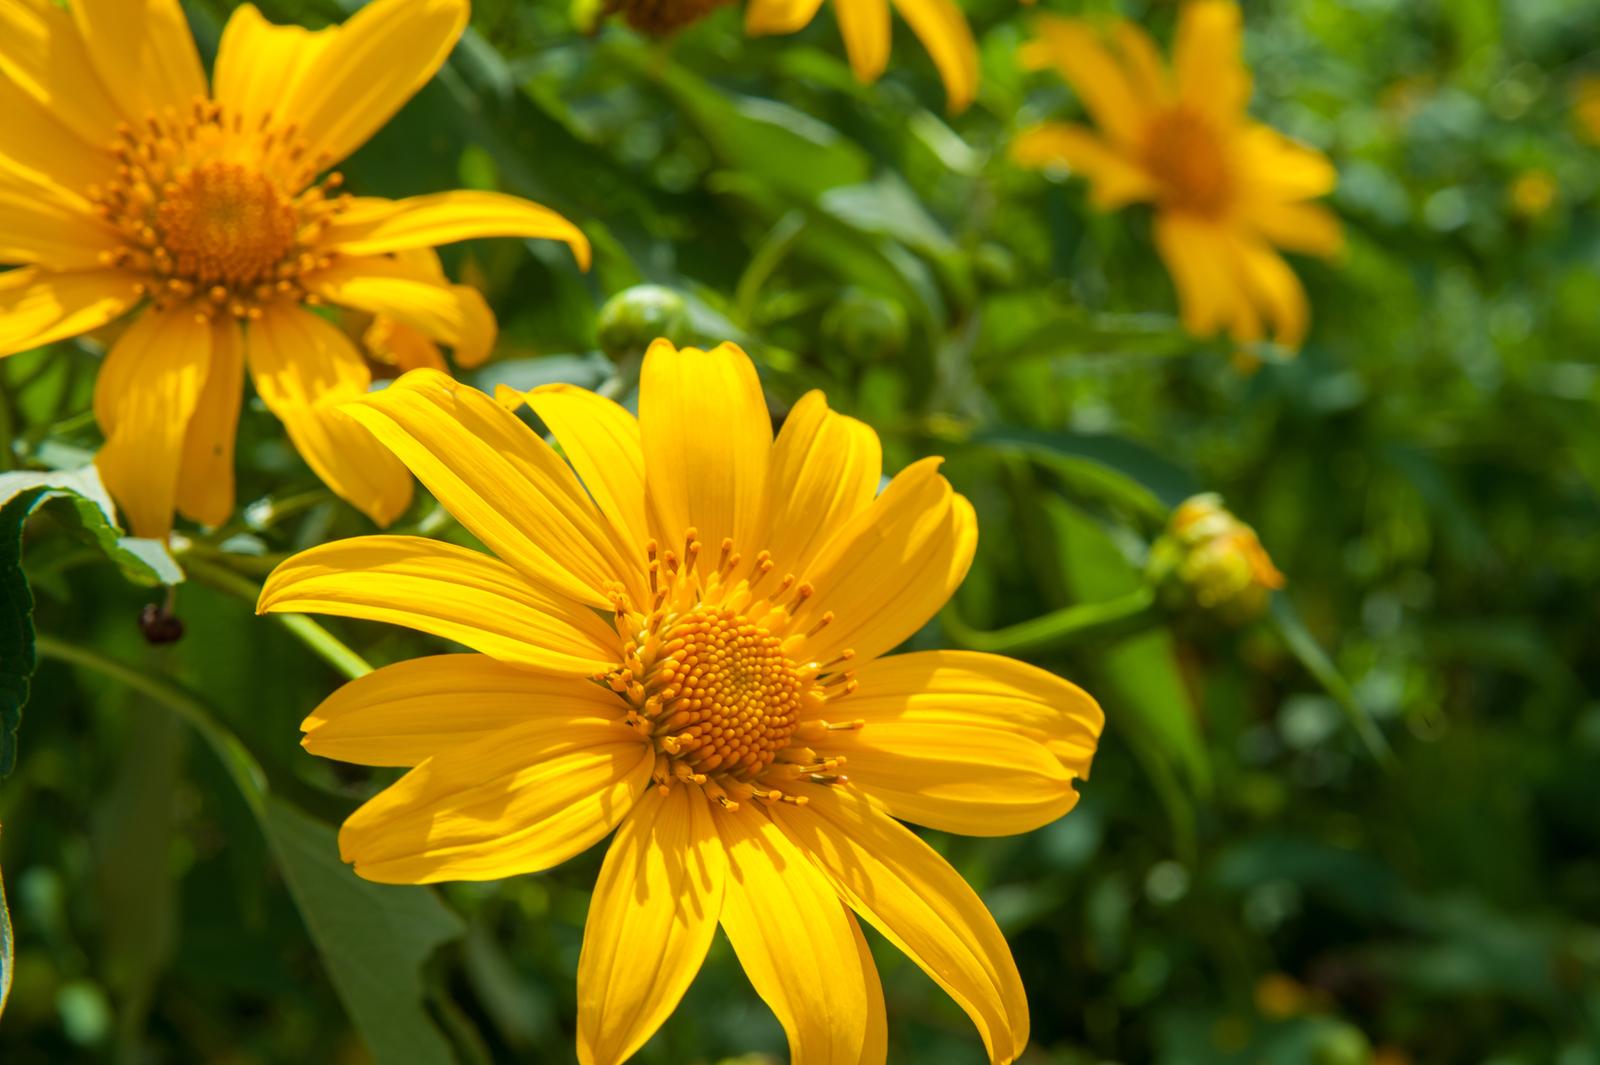 Kinh nghiệm 'săn' hoa mùa dã quỳ ở Đà Lạt